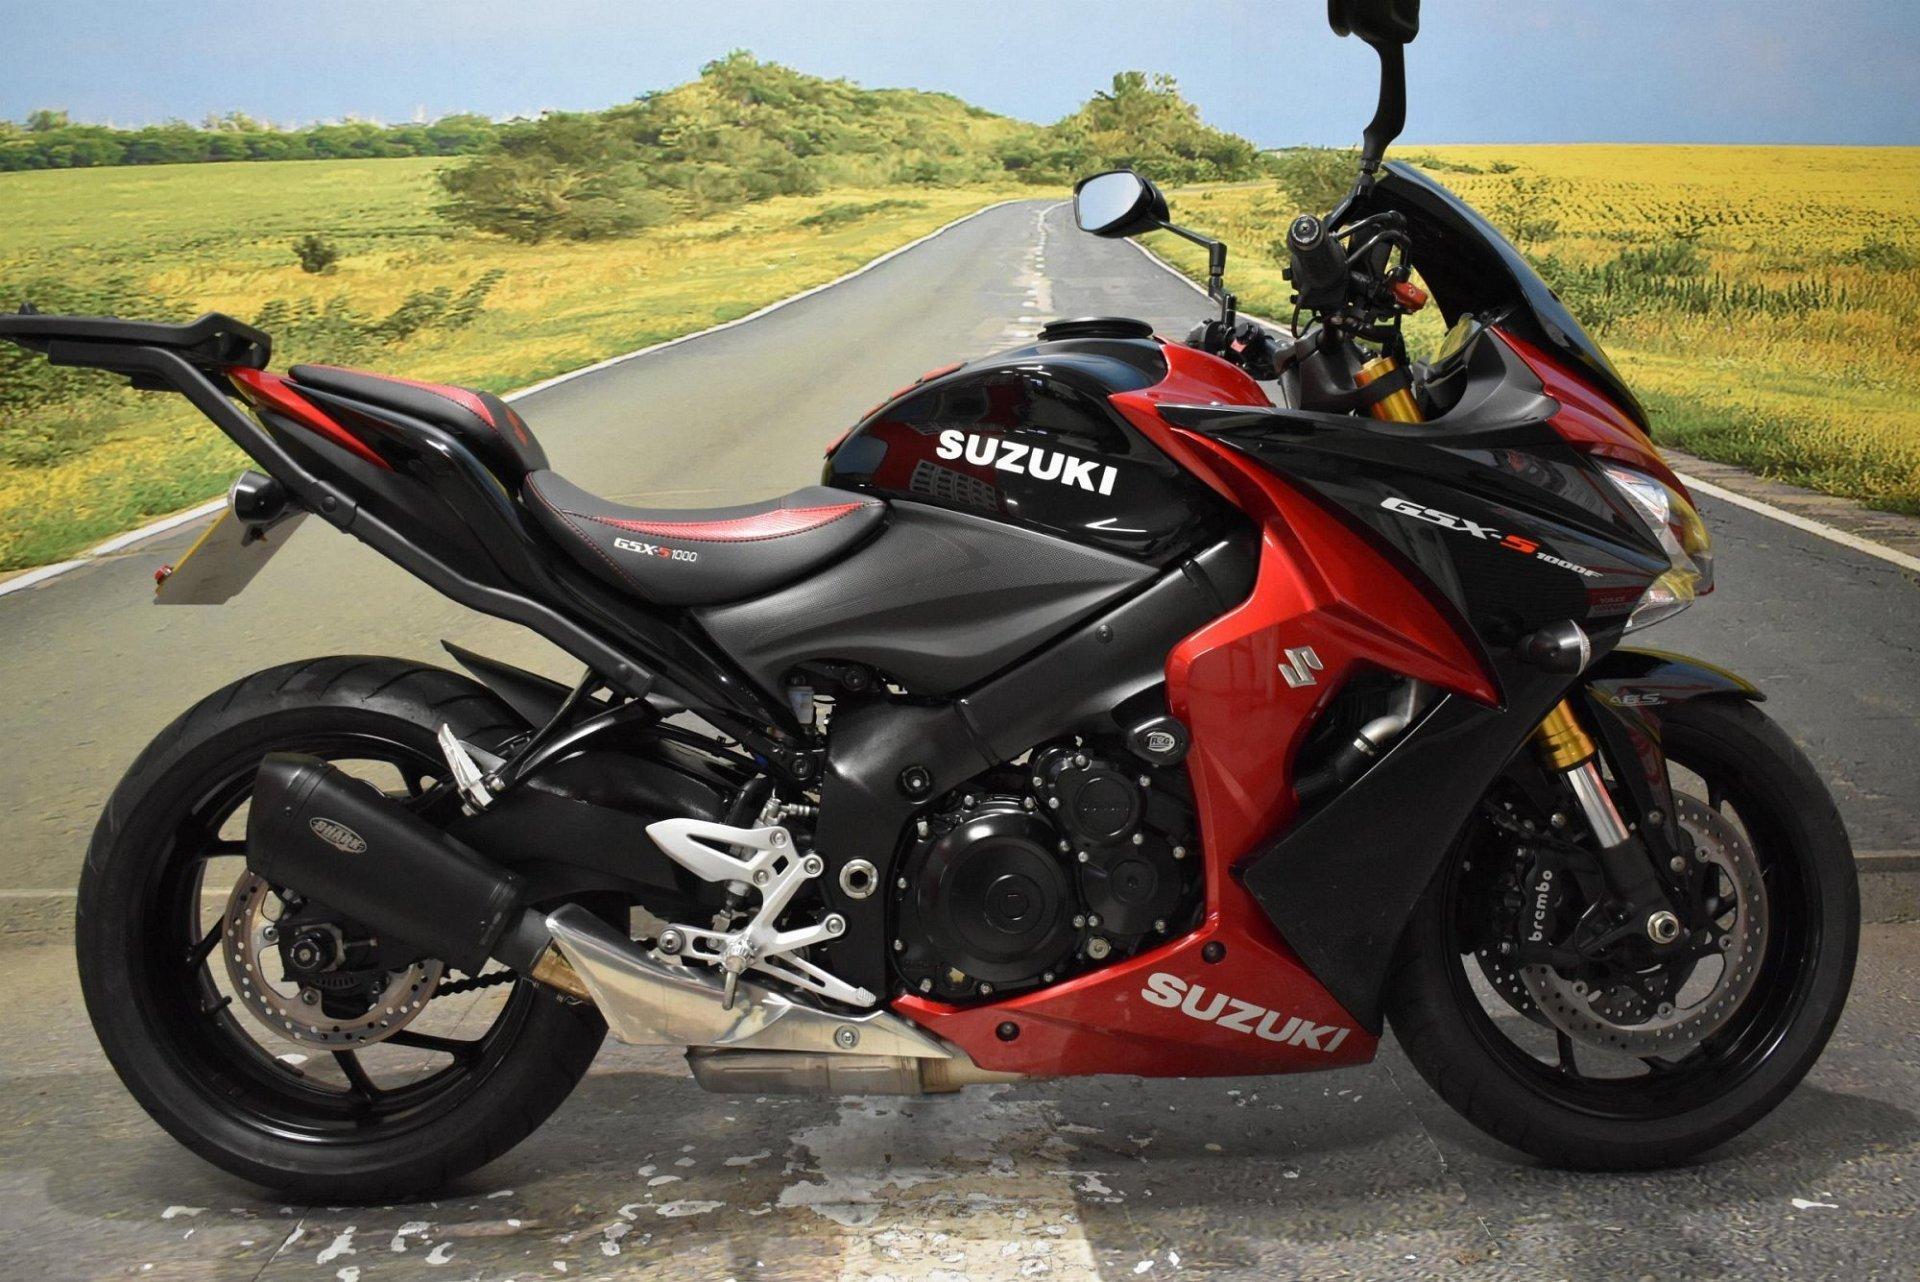 2015 Suzuki GSX-S1000F for sale in Derbyshire